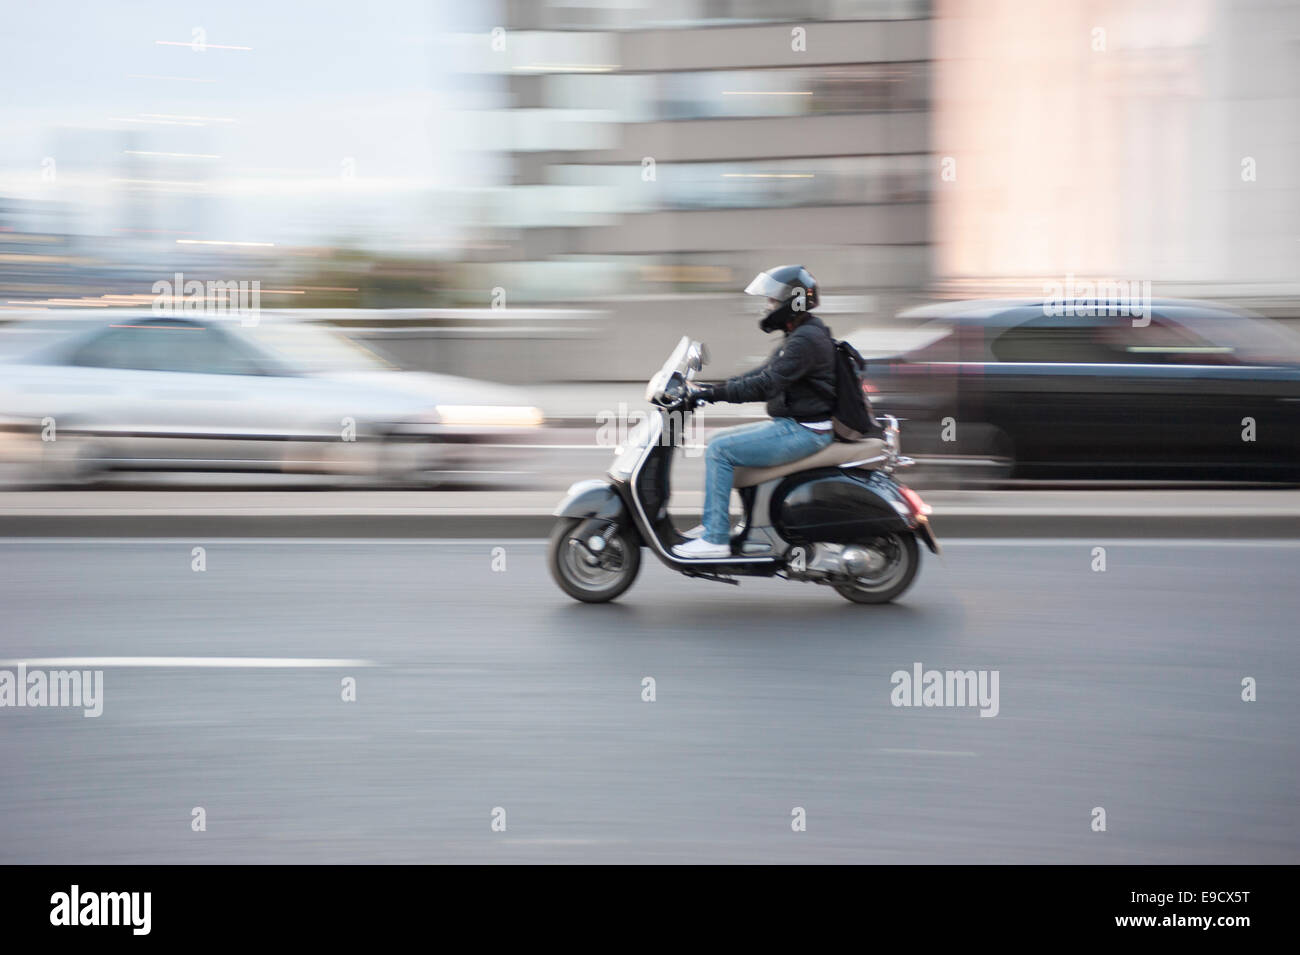 Mann auf einem Roller mit Motion blur, London, UK Stockbild